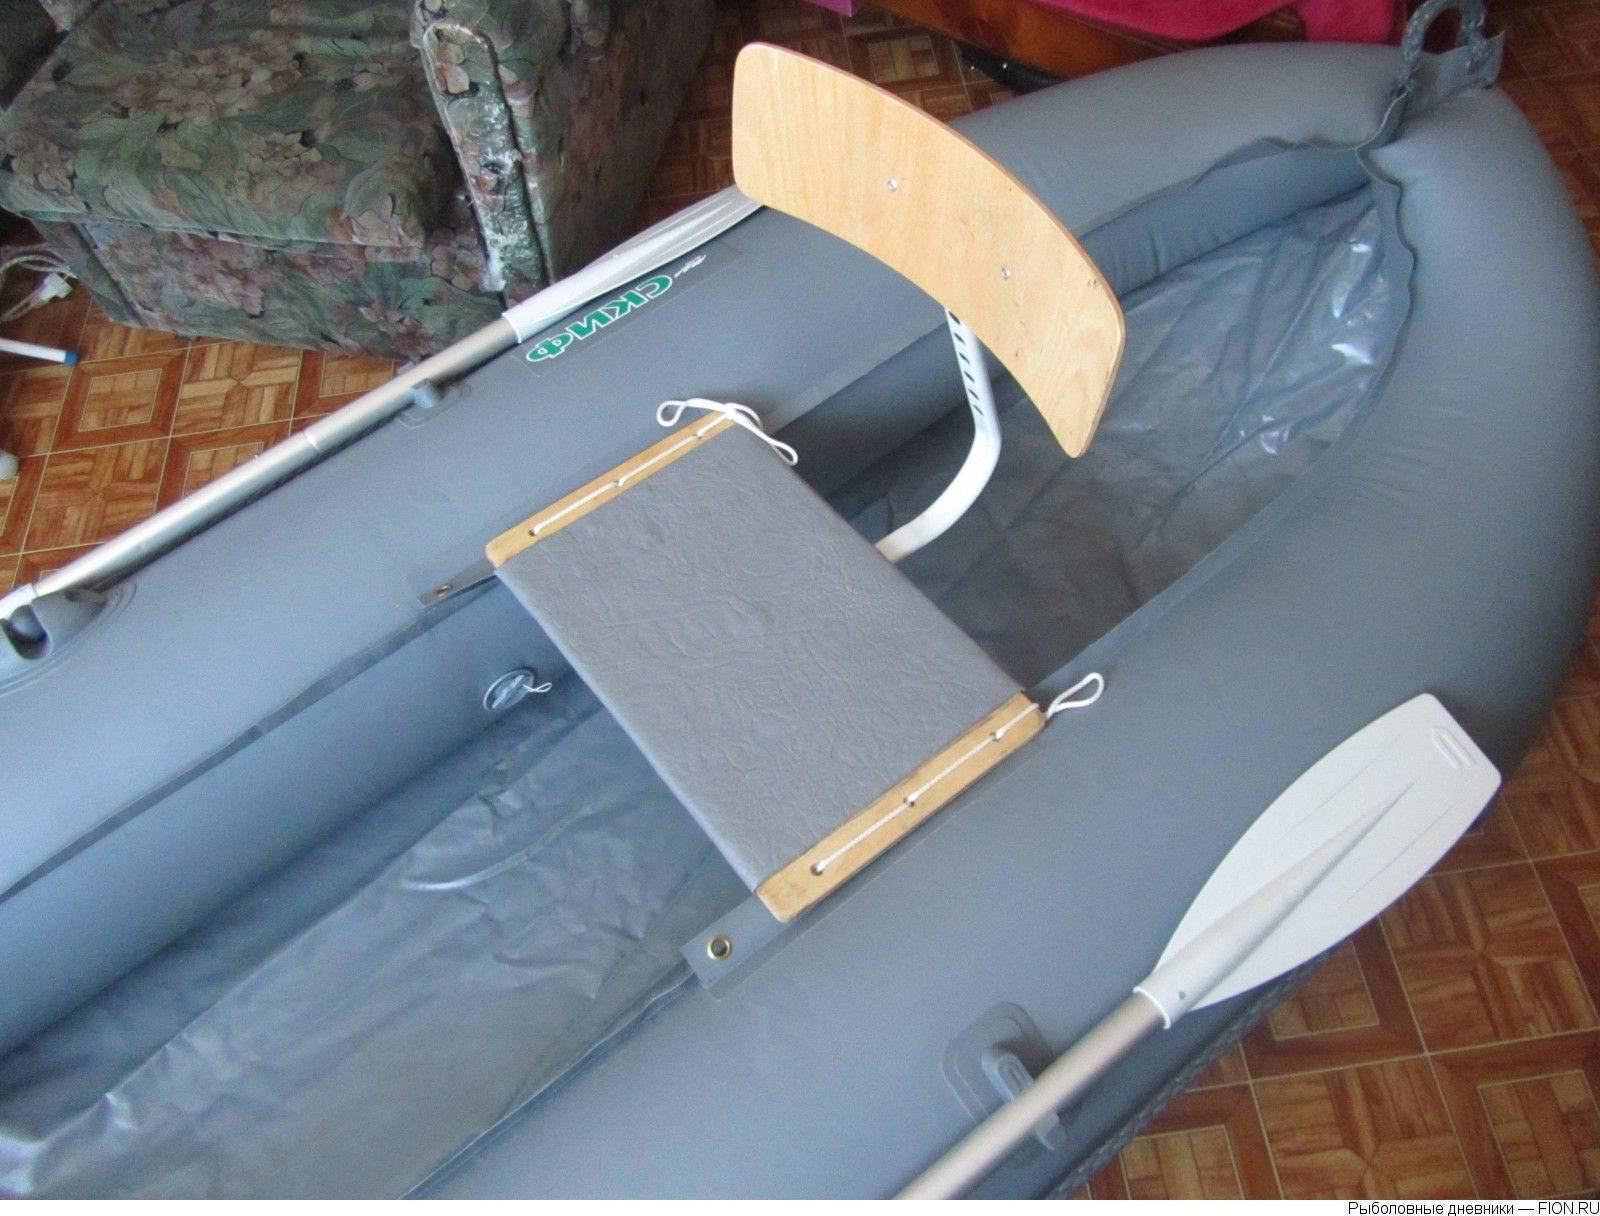 Кресло для лодки пвх - поворотное, складное и надувное, установка своими руками